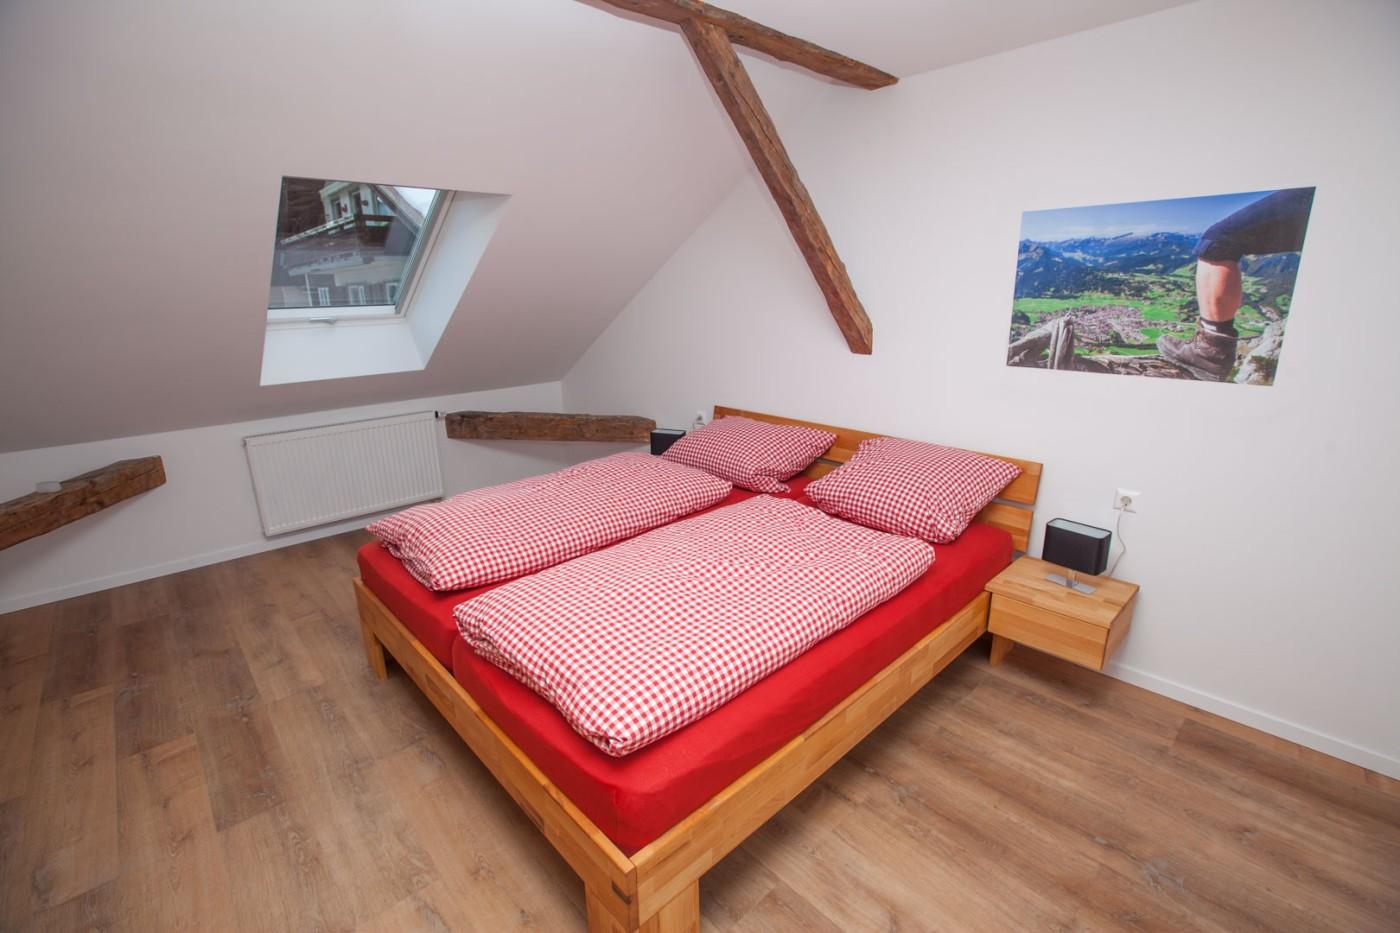 Ferienwohnung Georg Mayer Haus / Wohnung 6 (2397455), Oberstdorf, Allgäu (Bayern), Bayern, Deutschland, Bild 6